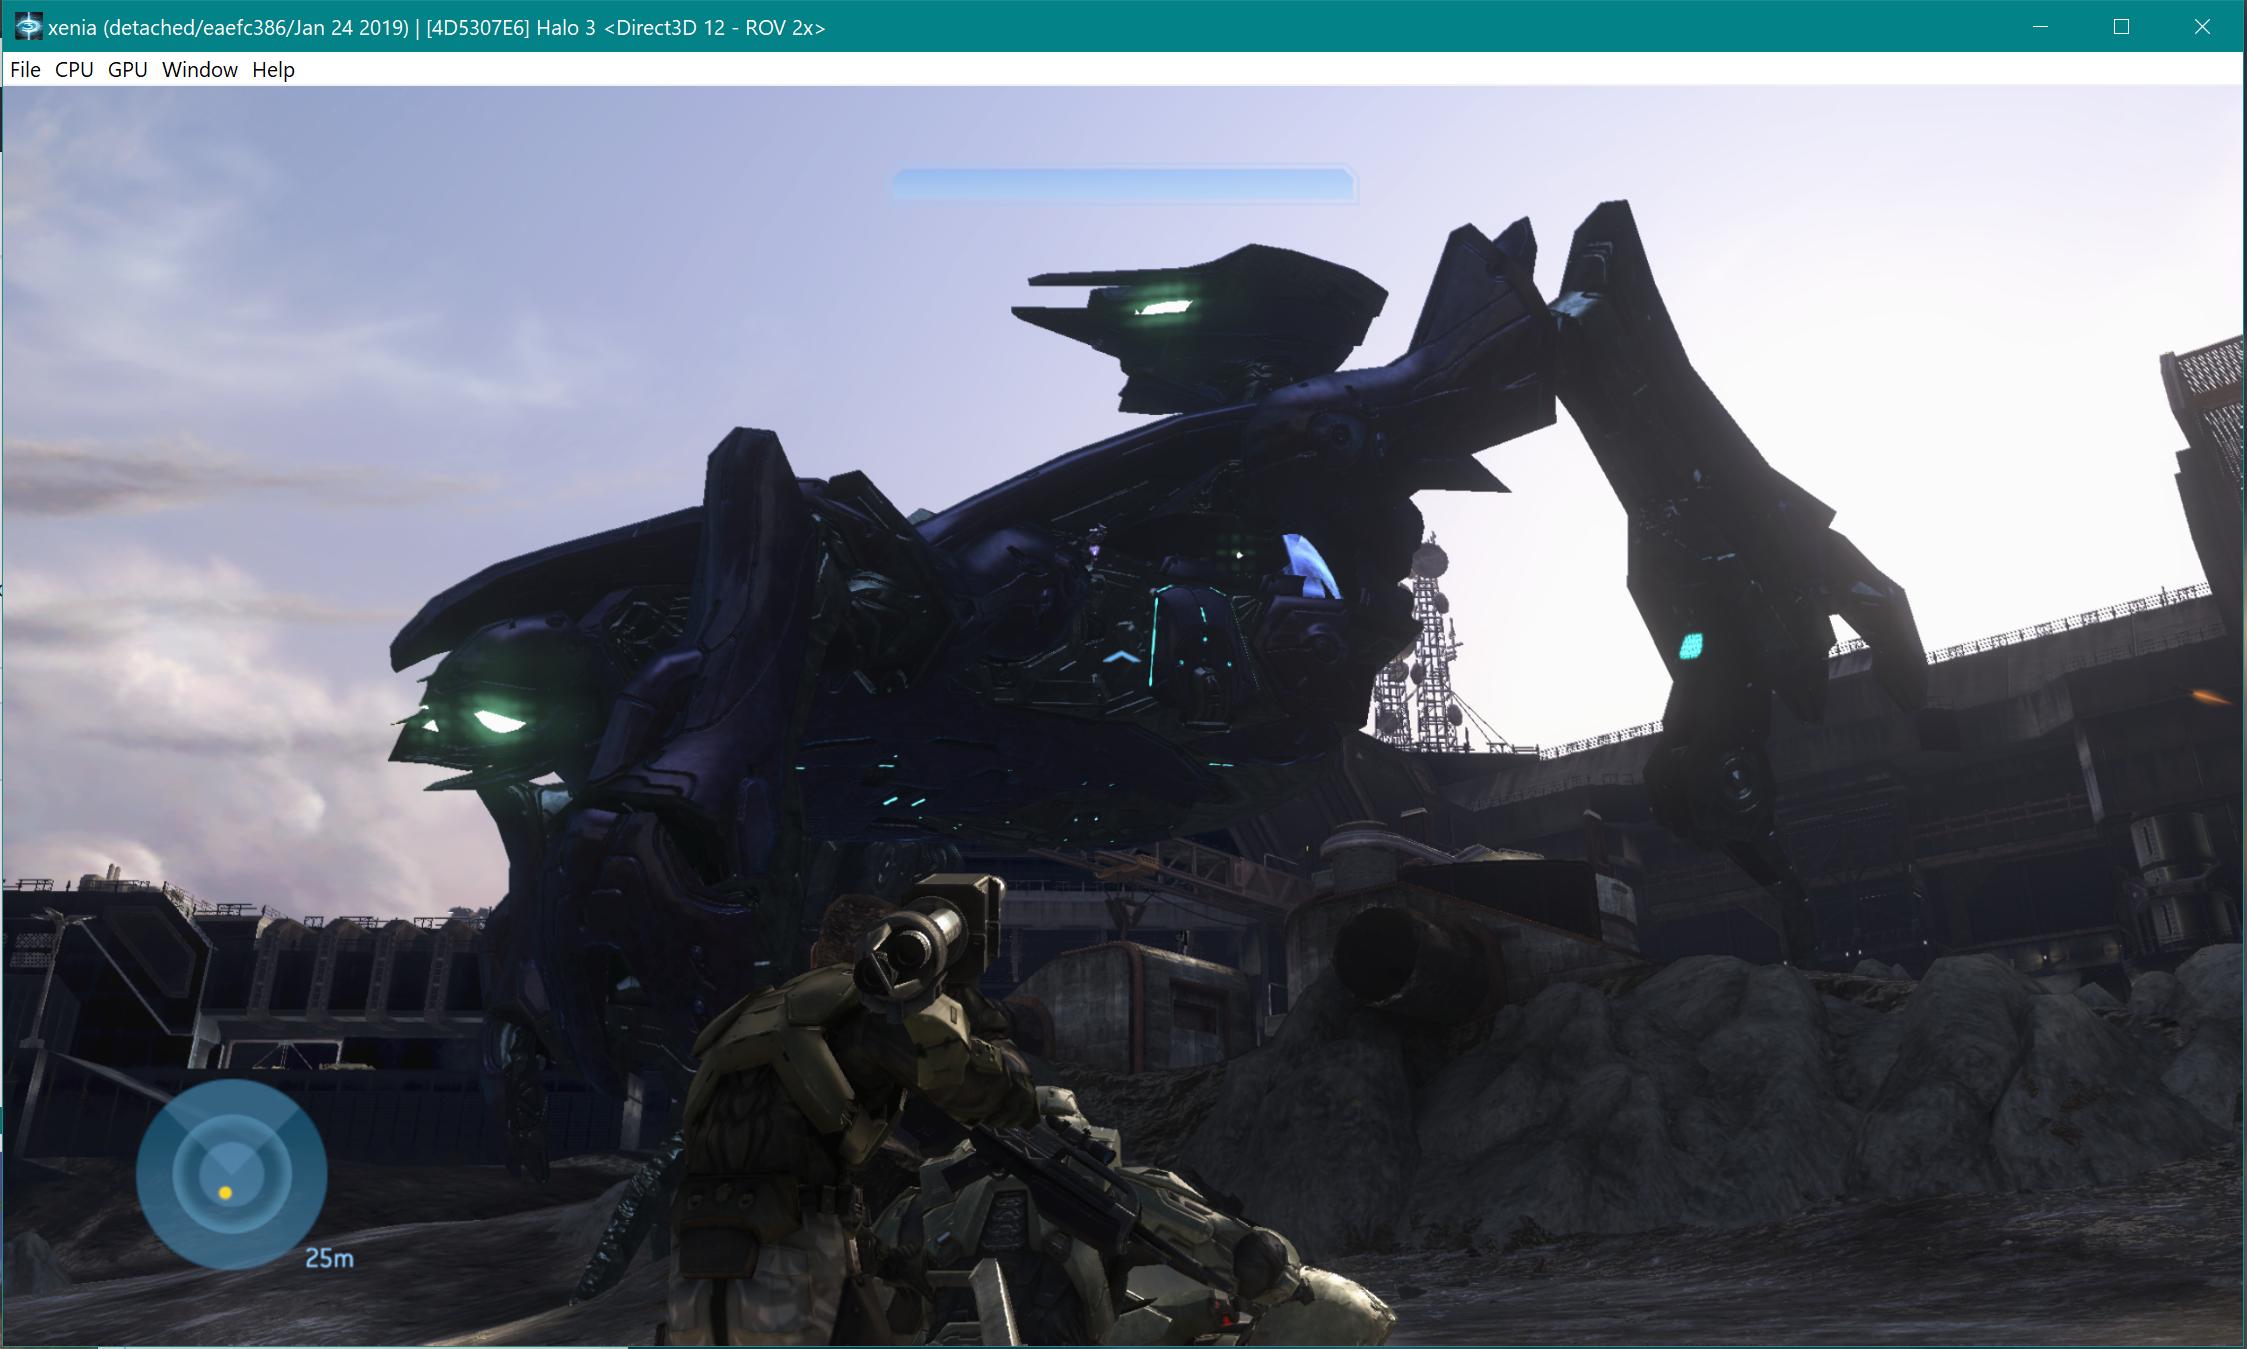 4D5307E6 - Halo 3 · Issue #178 · xenia-project/game-compatibility